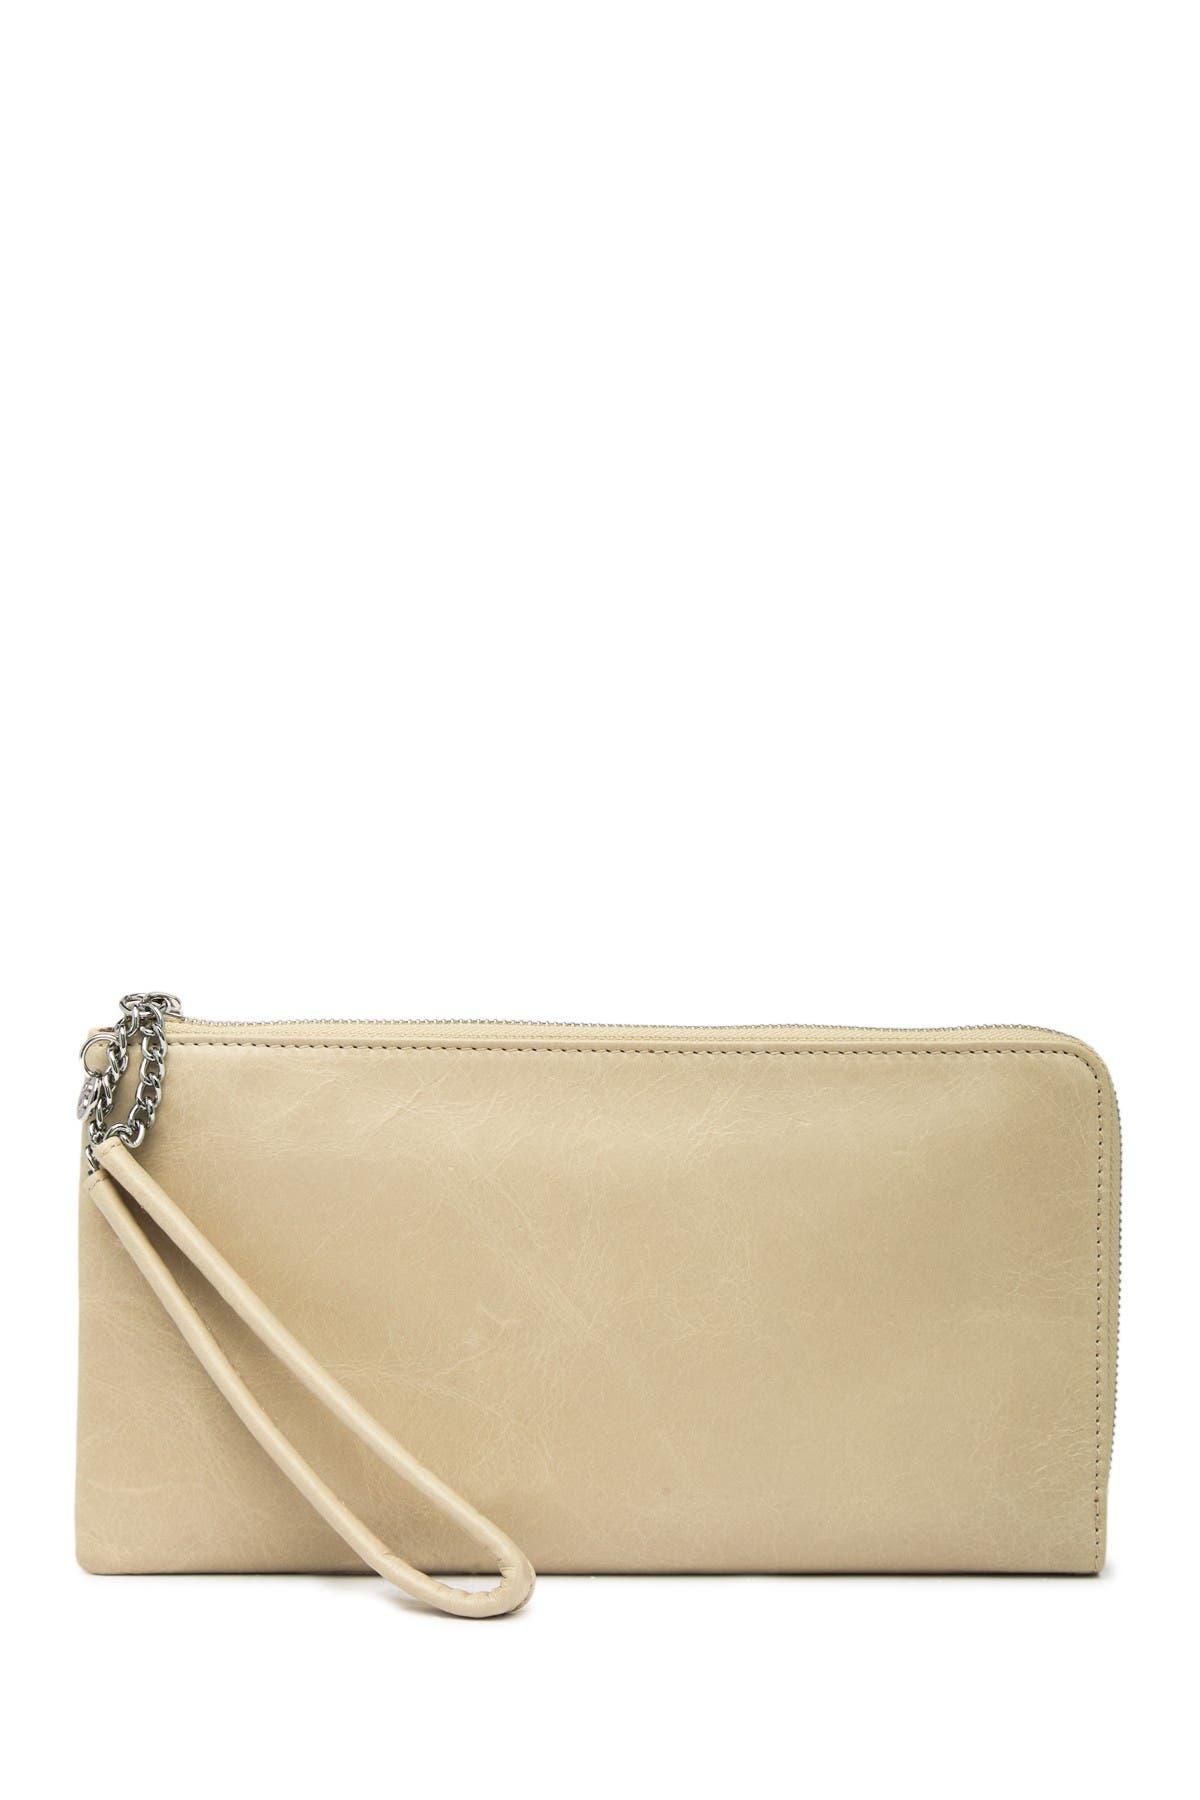 Image of Hobo Rylan Leather Wristlet